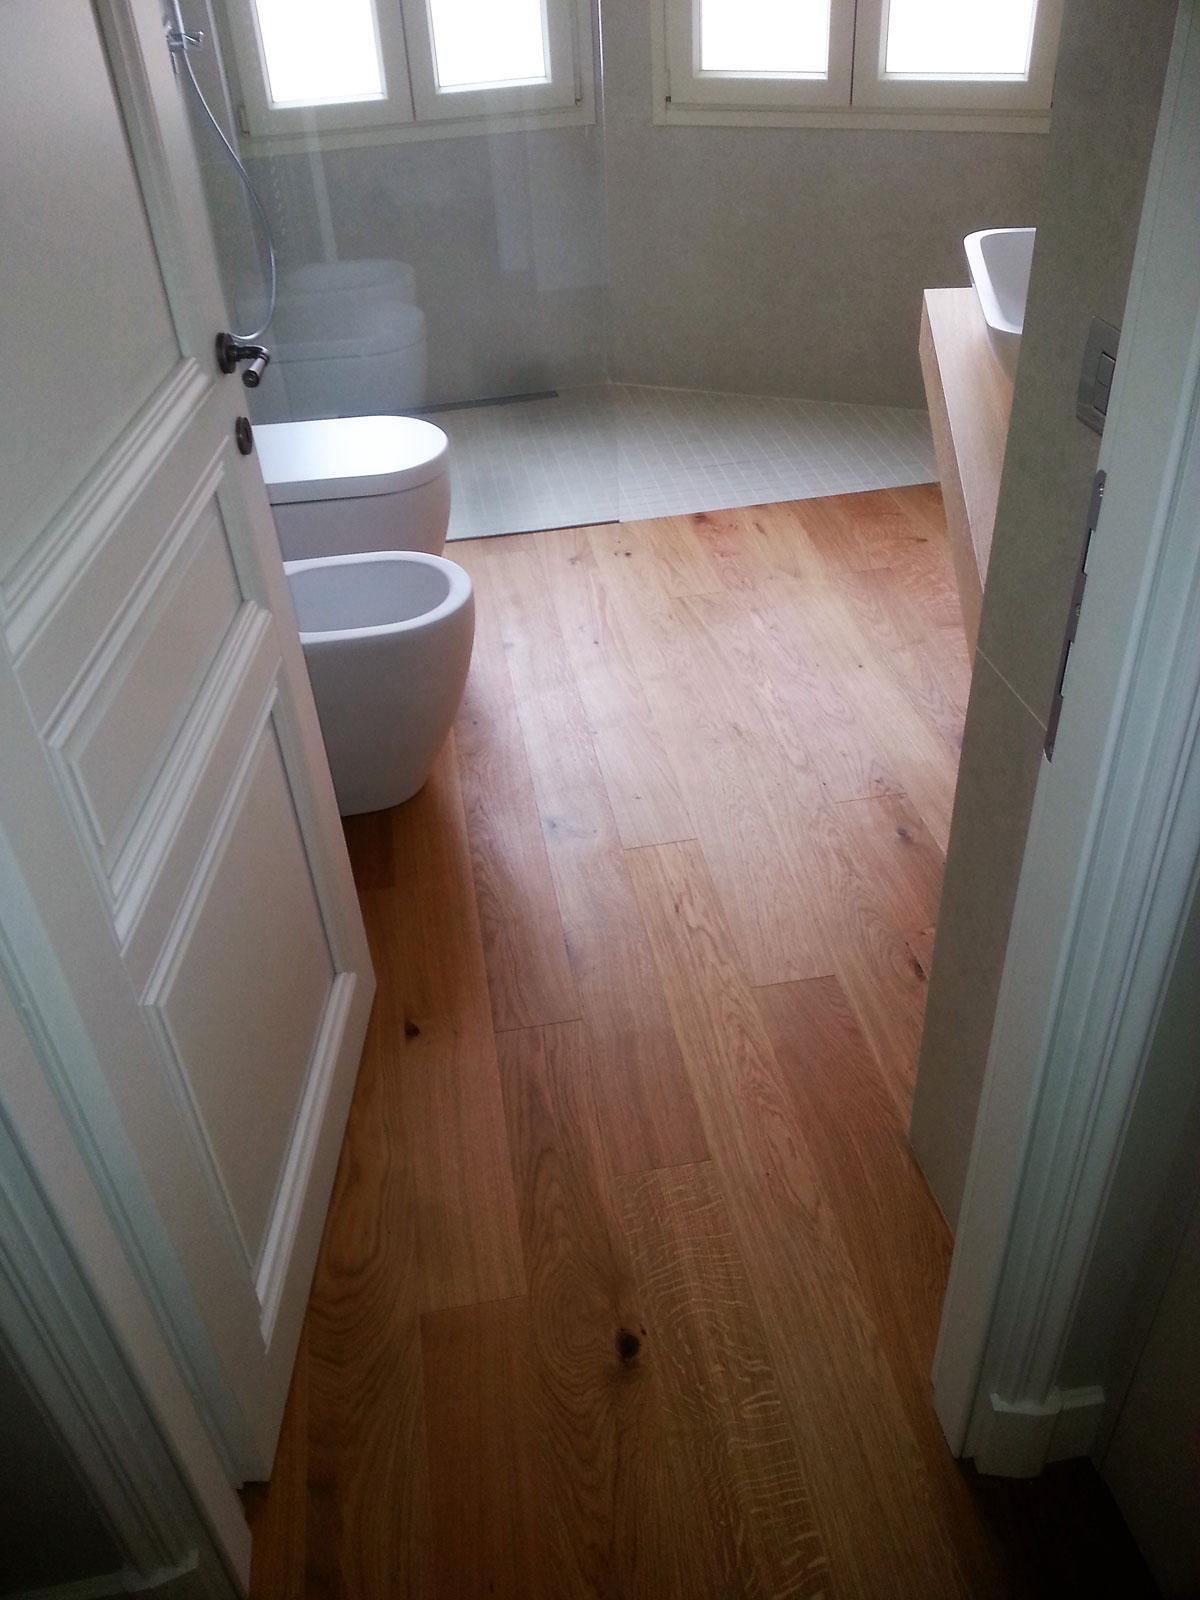 Parquet laminato in bagno parquet laminato bagno pavimenti in parquet industriale prezzi - Parquet per cucina e bagno ...